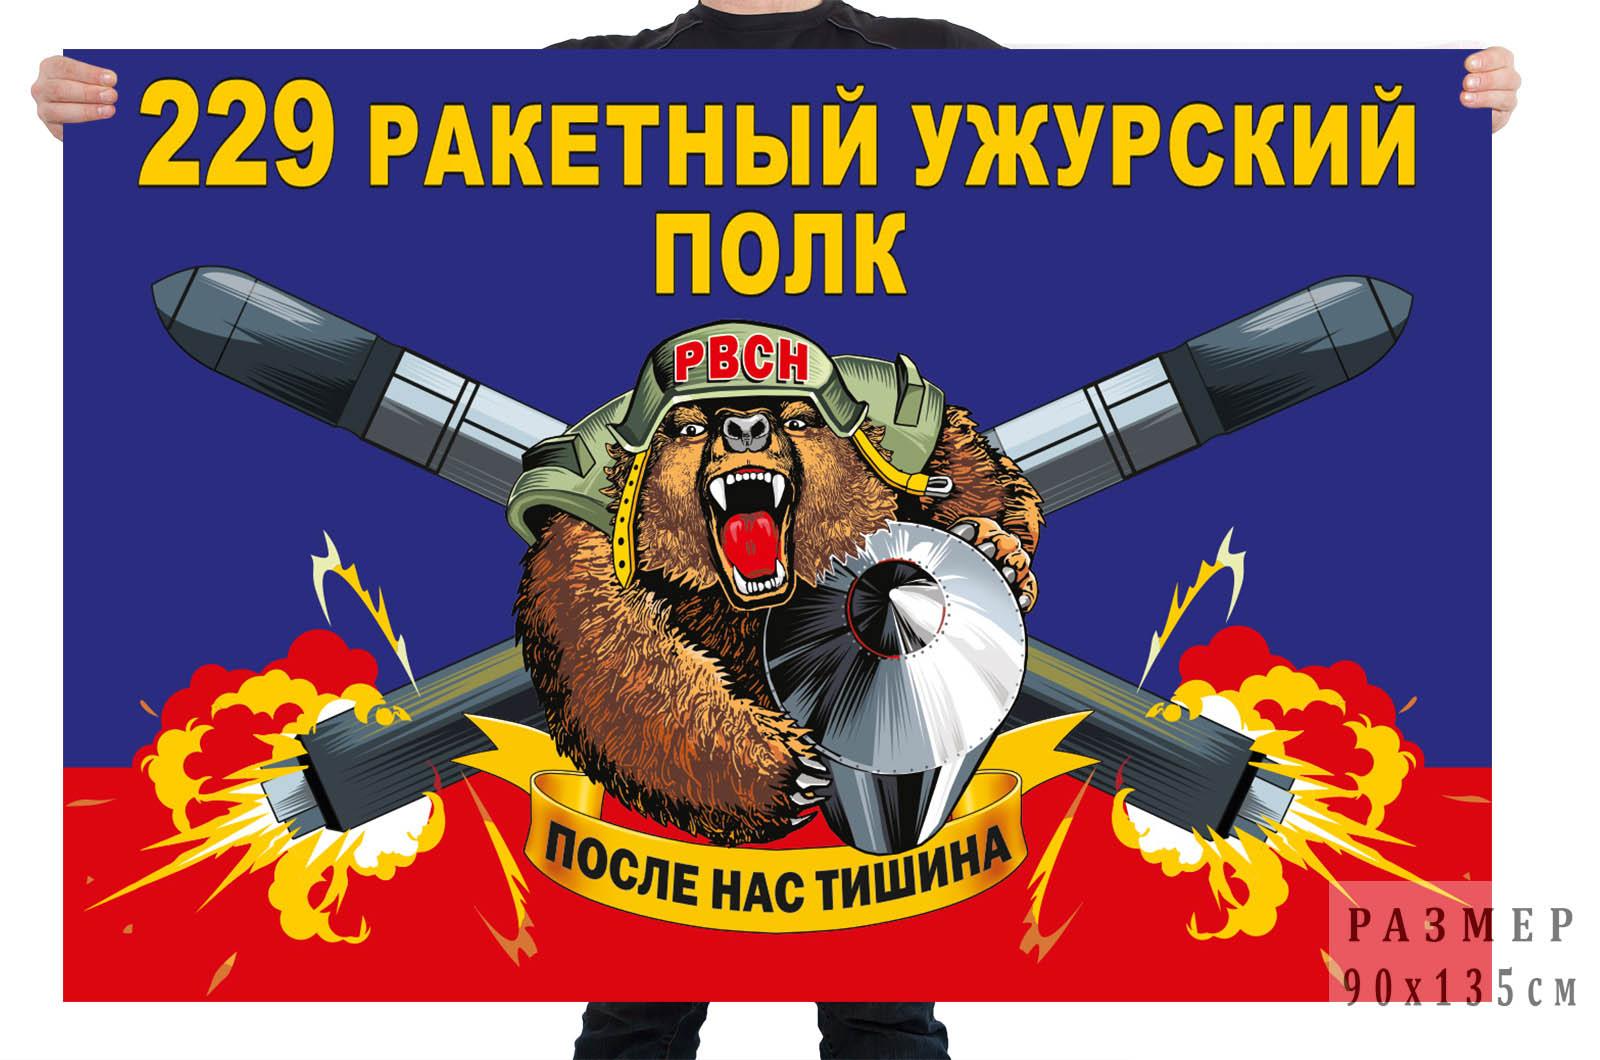 Флаг 229 ракетного Ужурского полка